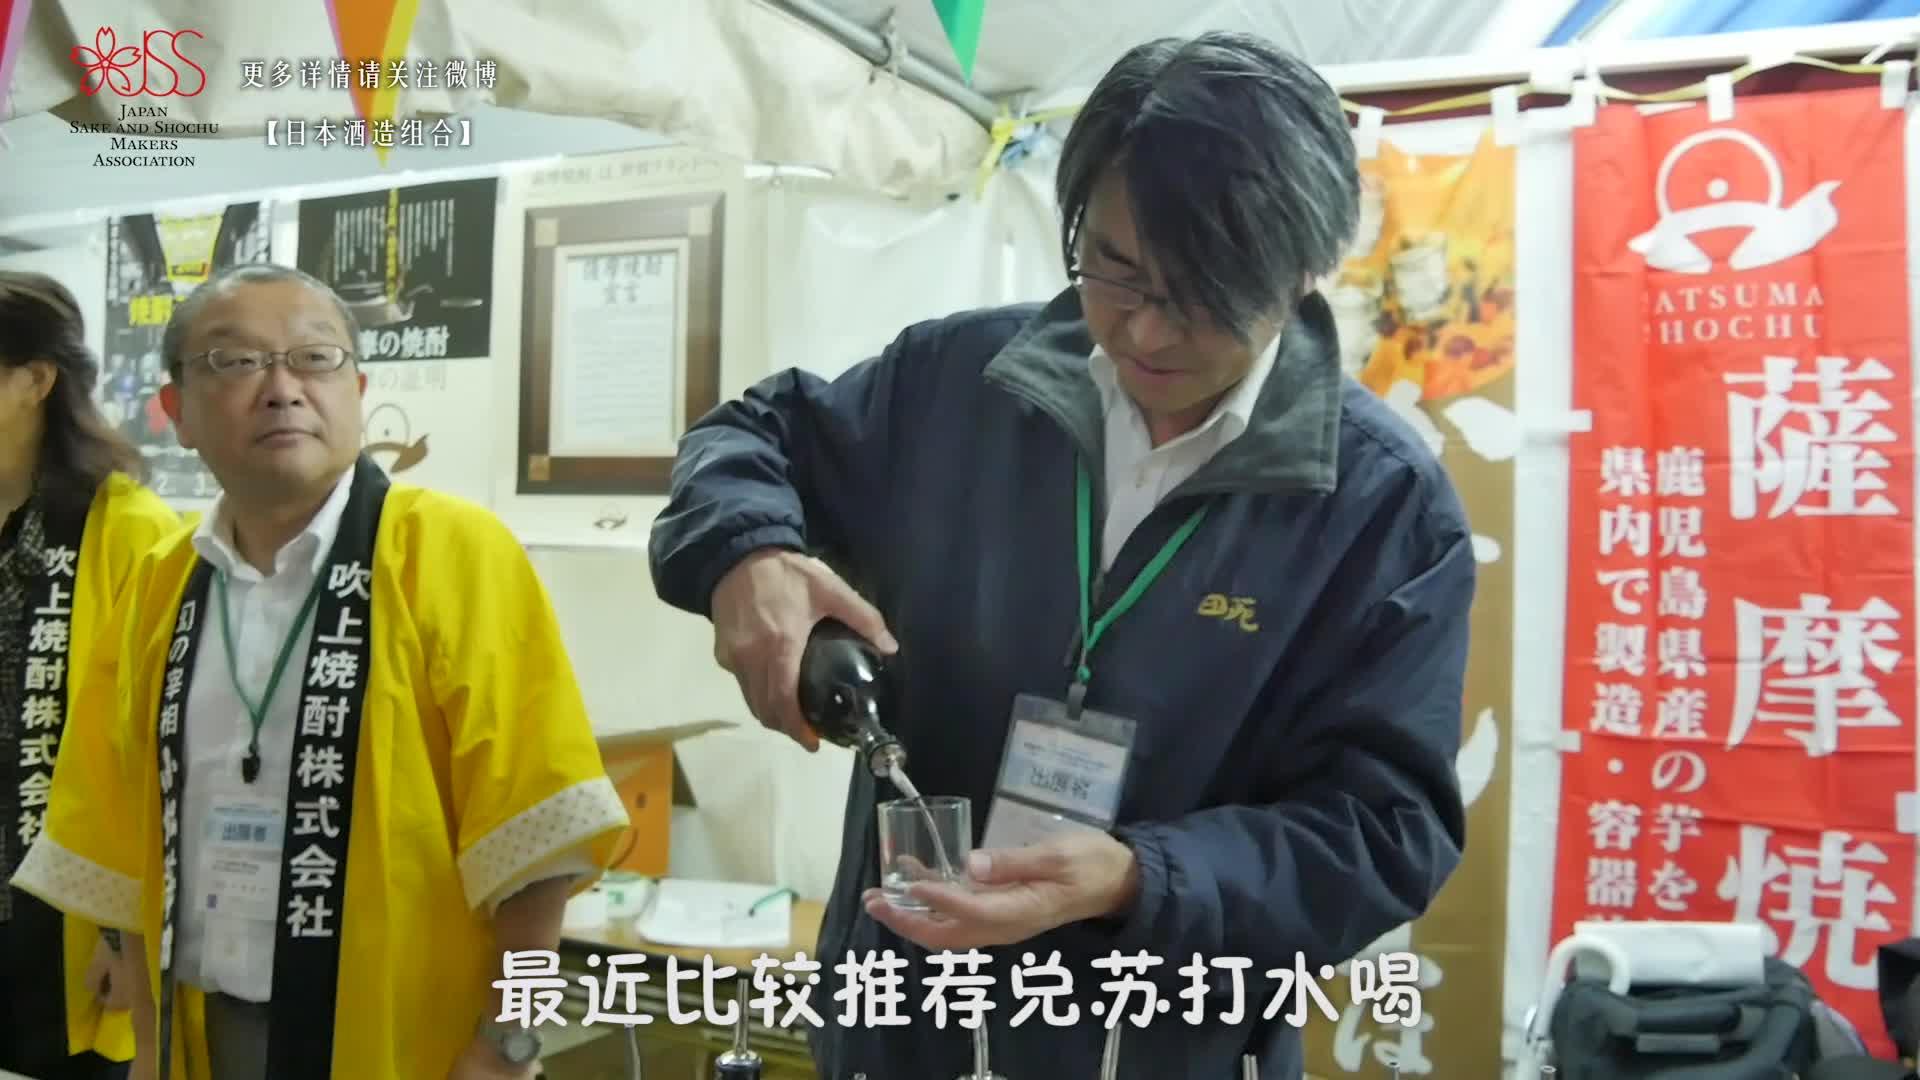 六本木本格烧酒泡盛试饮会!一次品尝日本各地450多种烧酒、泡盛酒